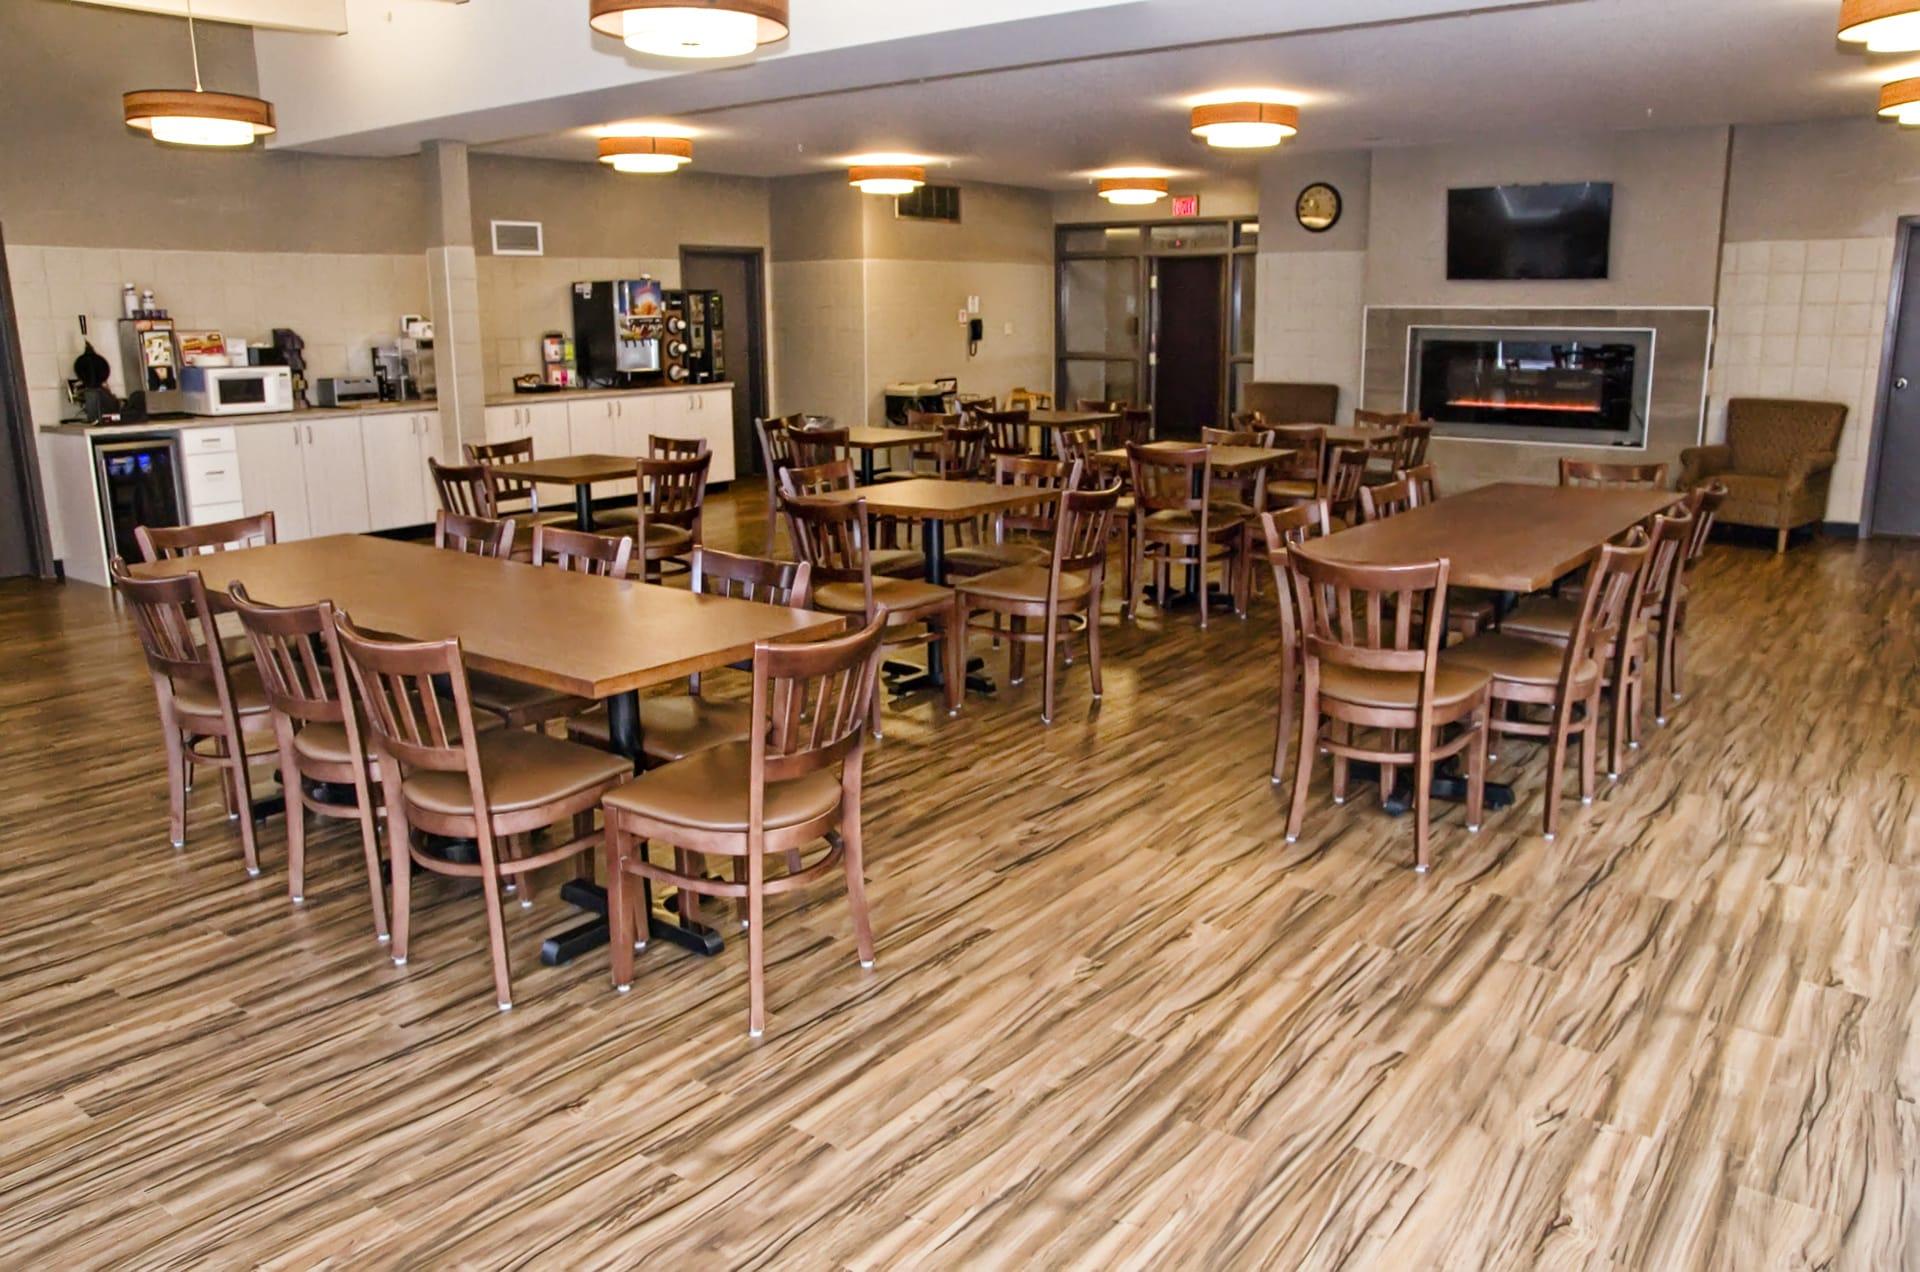 Lakeview Inns & Suites - Brandon - Hotel Breakfast Room